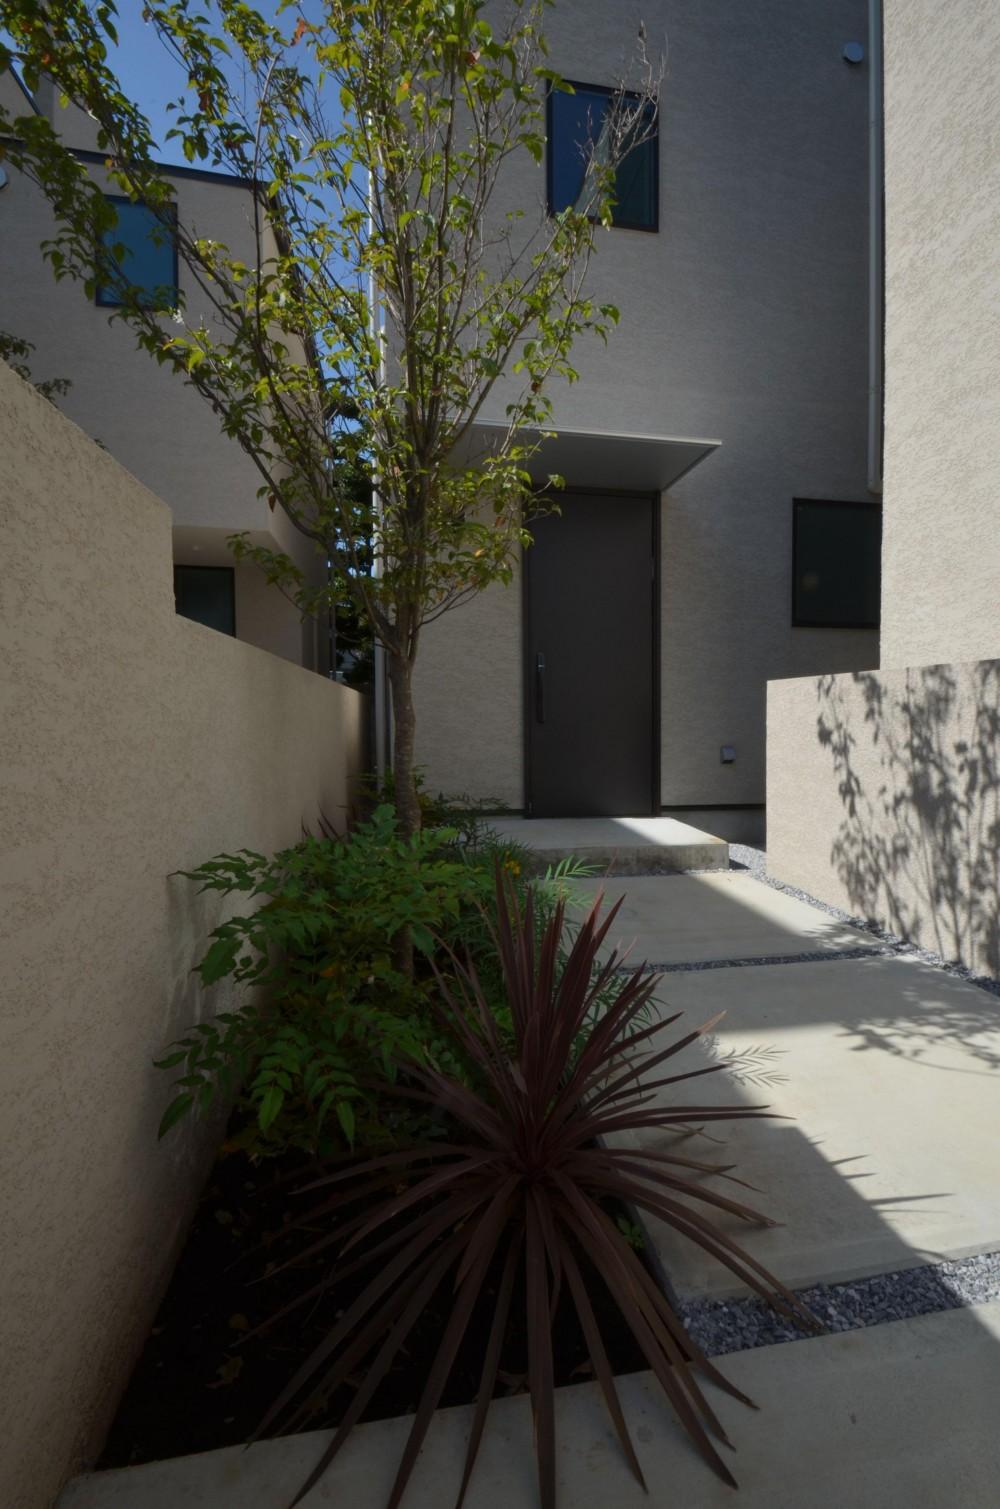 中村プロジェクト-注文住宅同様に丁寧につくりあげた5棟の建売住宅- (A棟外観)